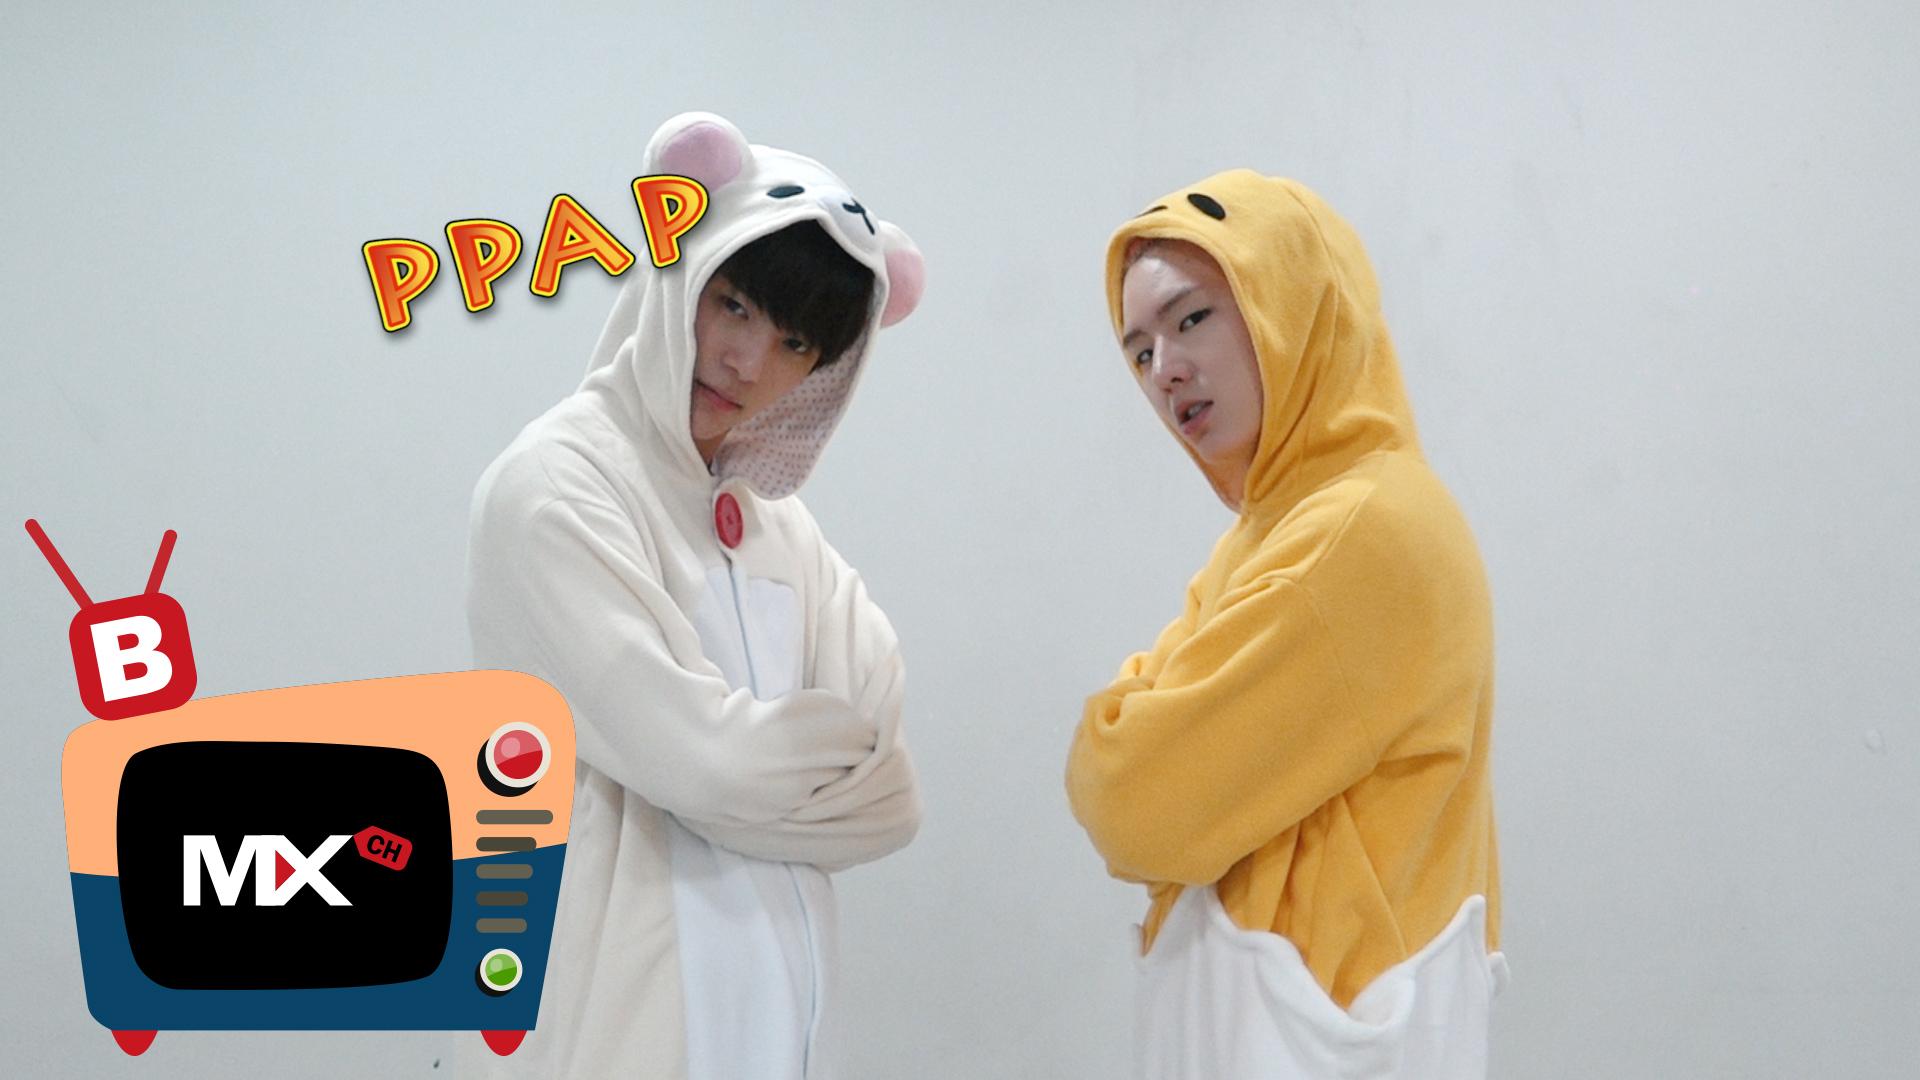 [몬채널][B] EP.30 PPAP (KH & MH ver.)